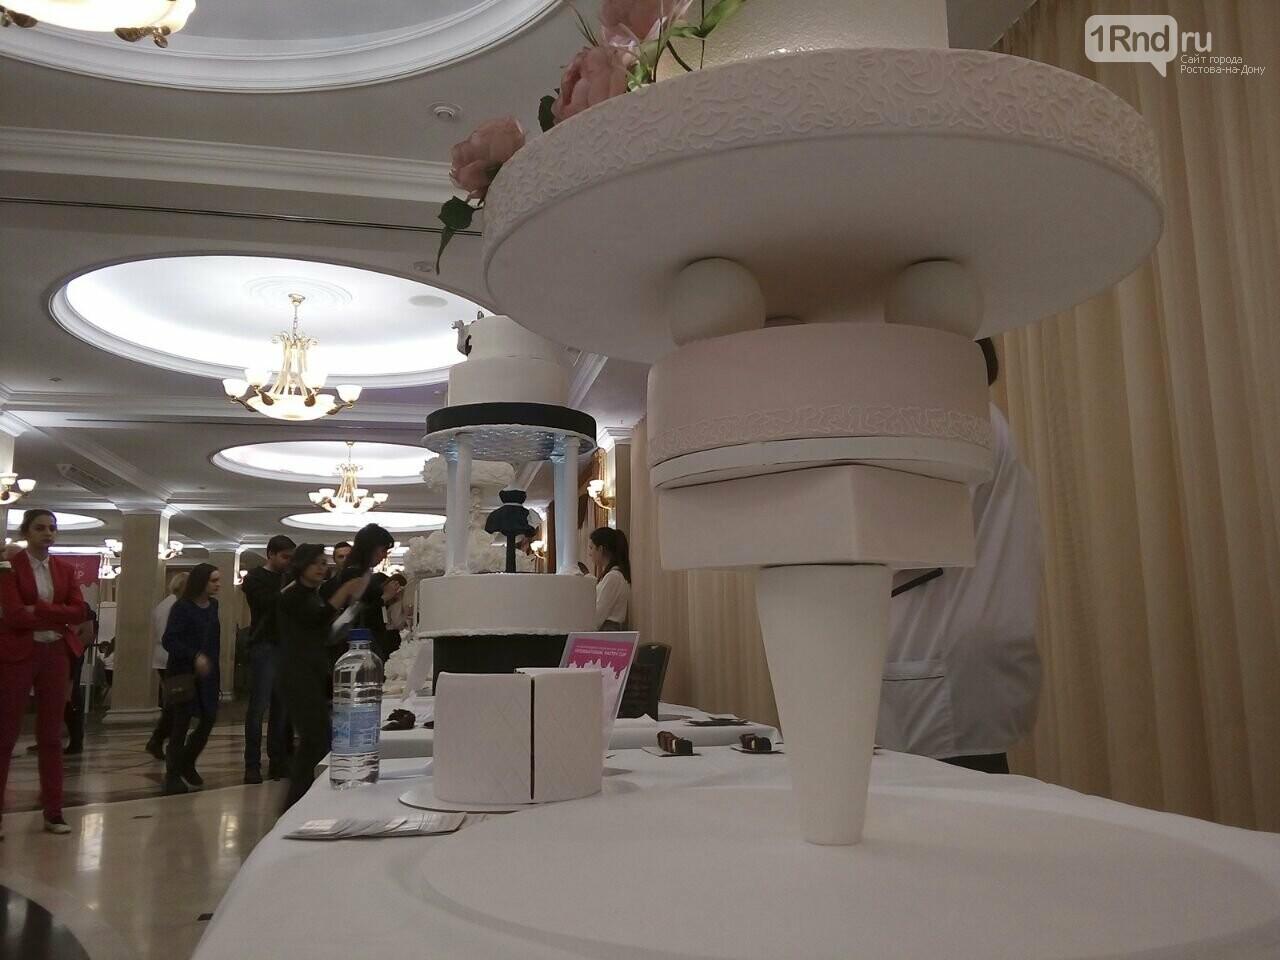 В Ростове проходит международный кондитерский конкурс International pastry cup, фото-5